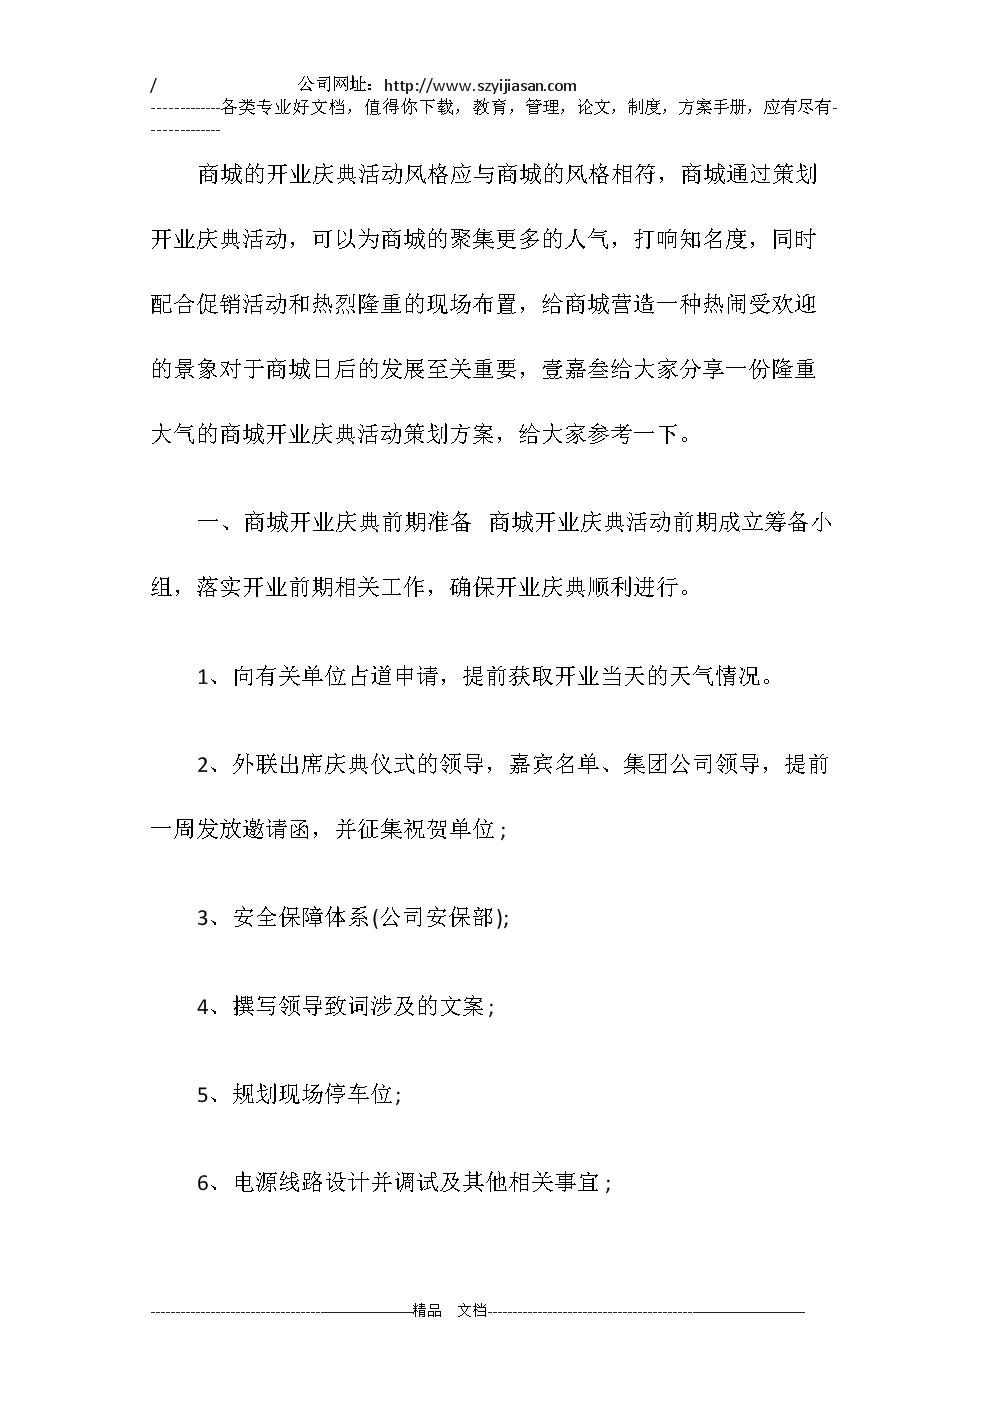 深圳商城开业庆典活动策划方案.docx